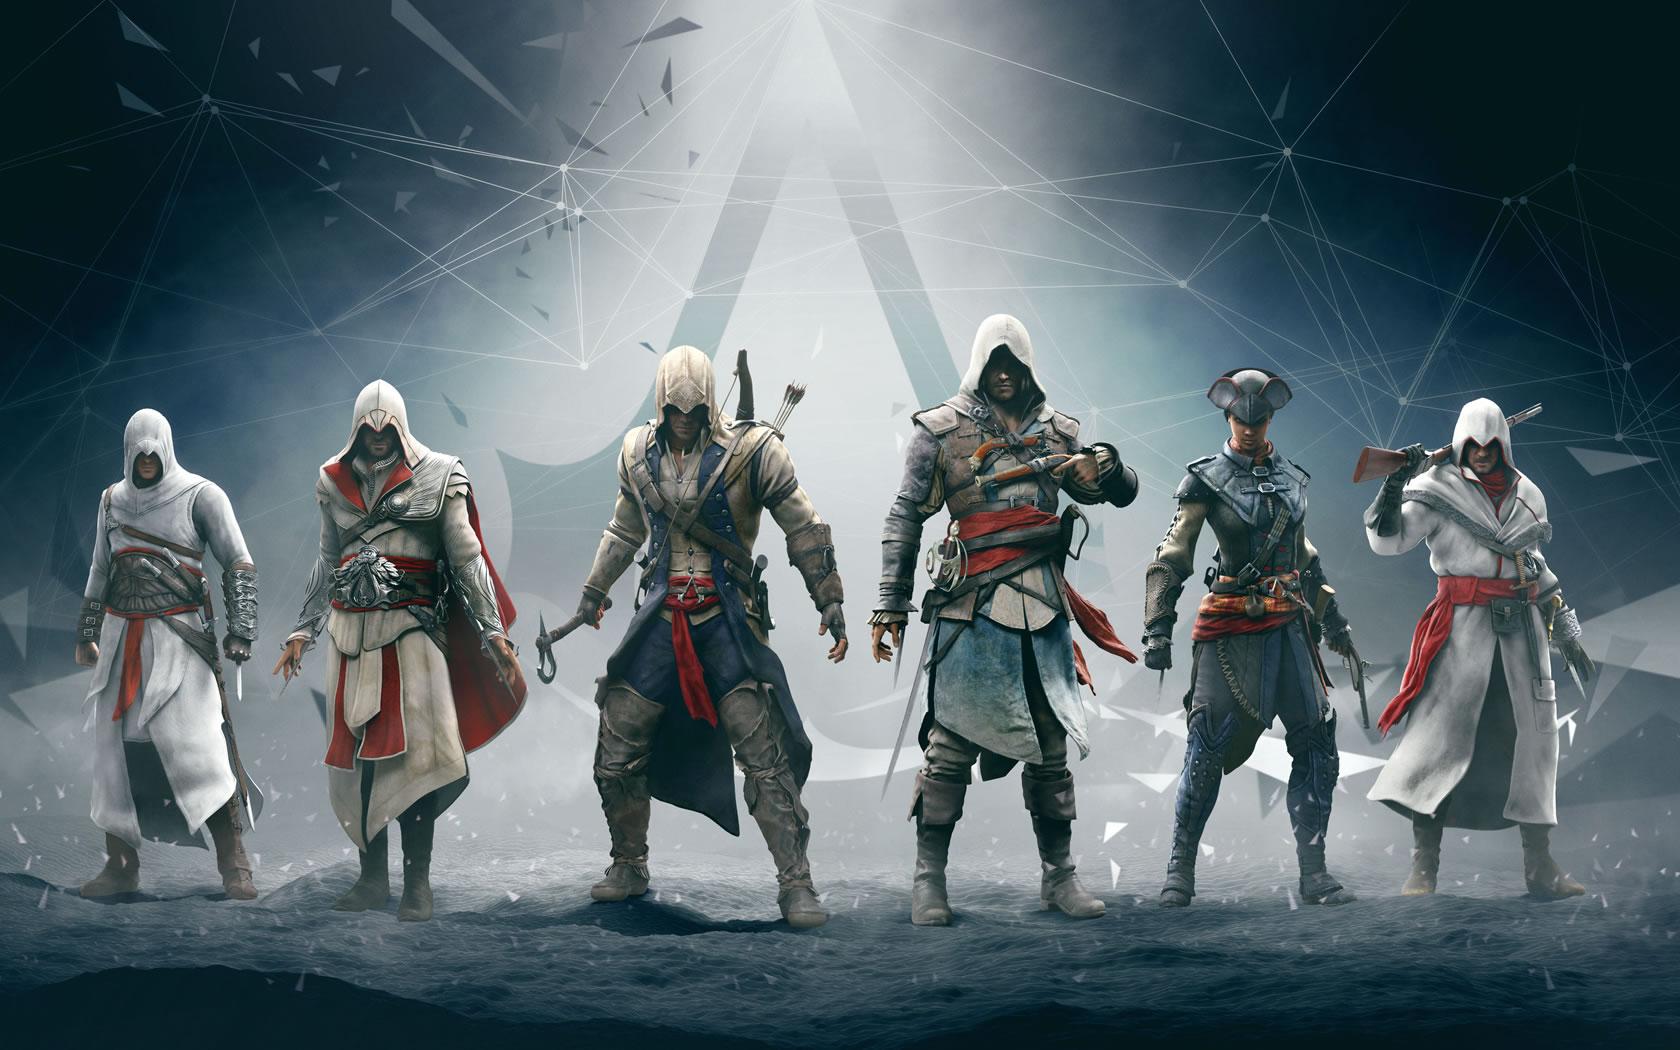 Assassin-s-Creed-Movie-Script-Gets-Rewritten-by-Wolverine-Screenwriter-376038-2